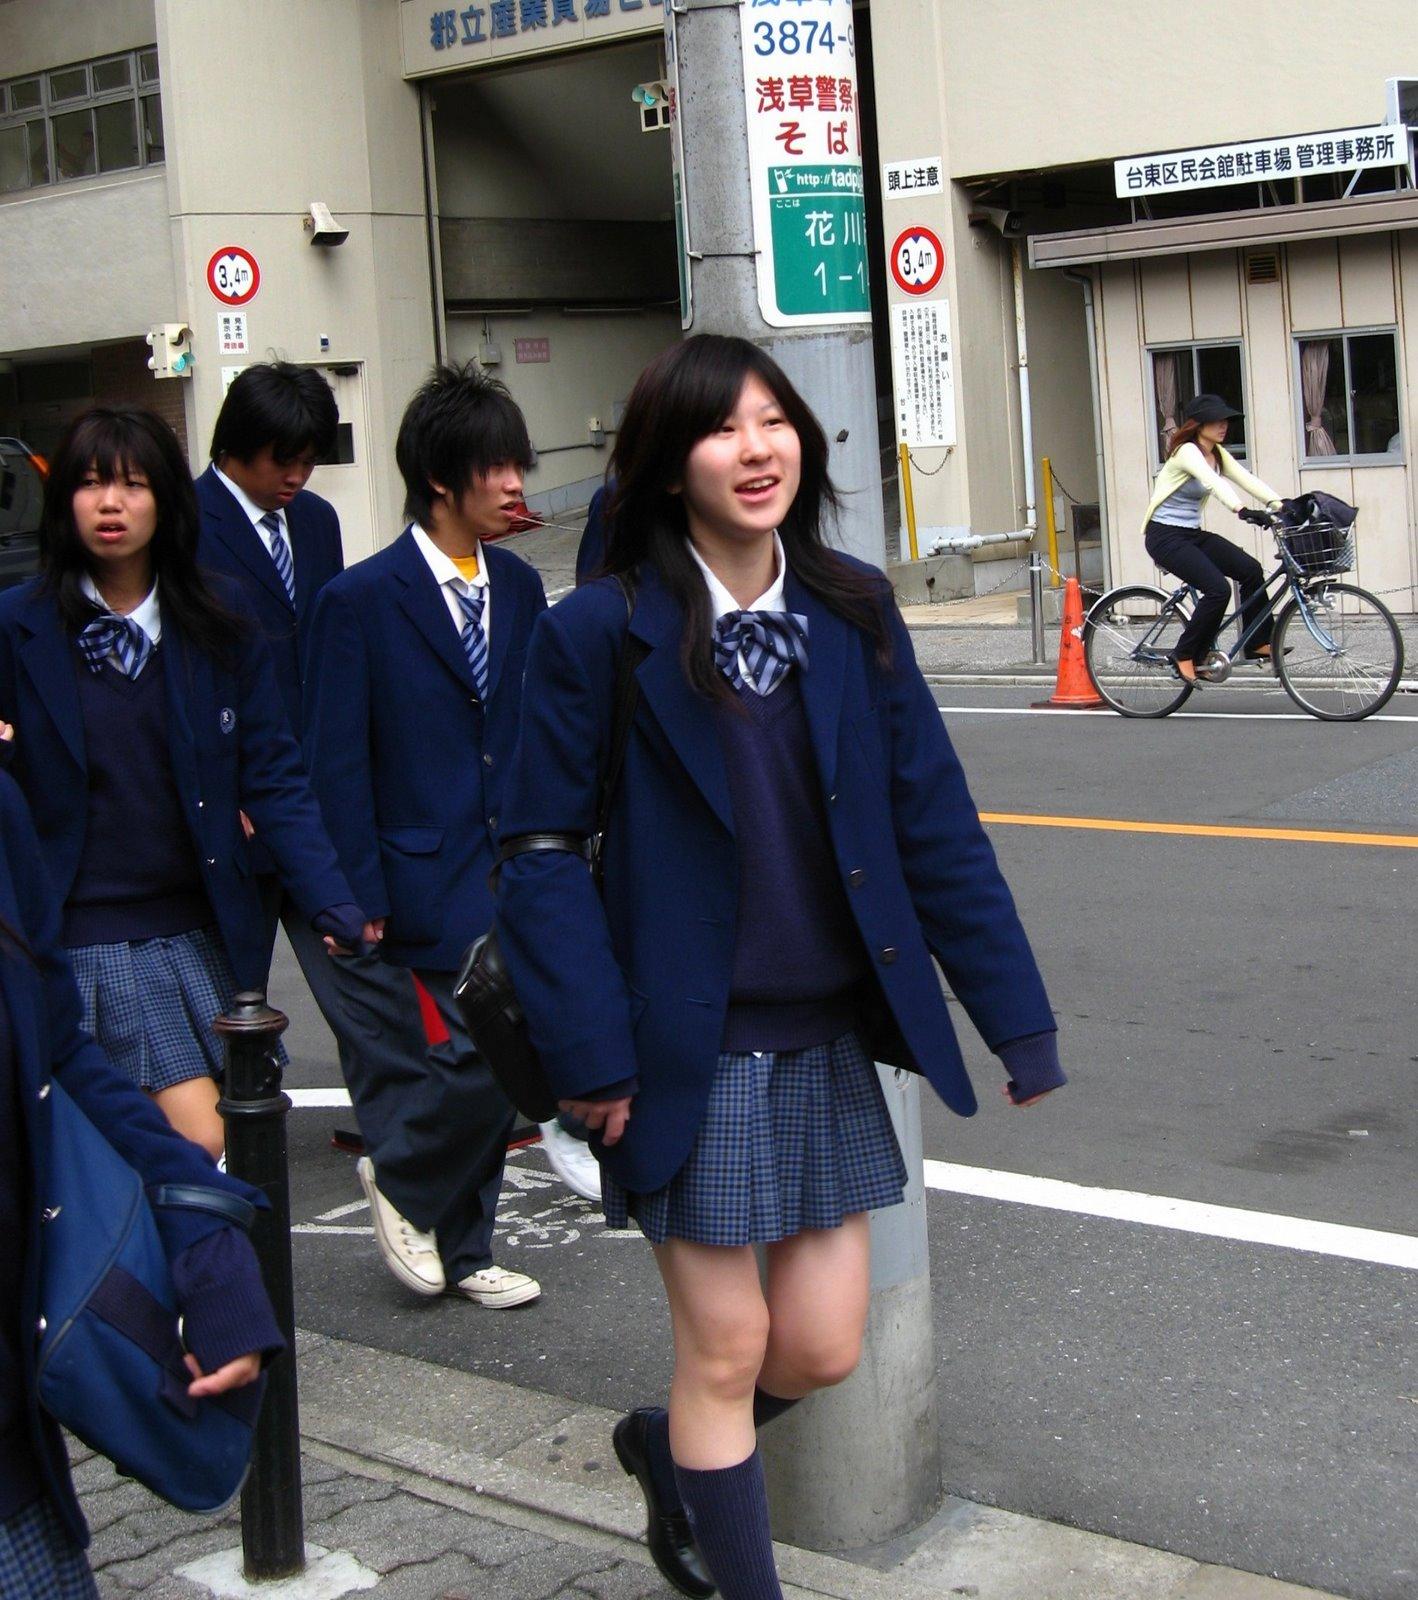 高中生入学教育视频_\